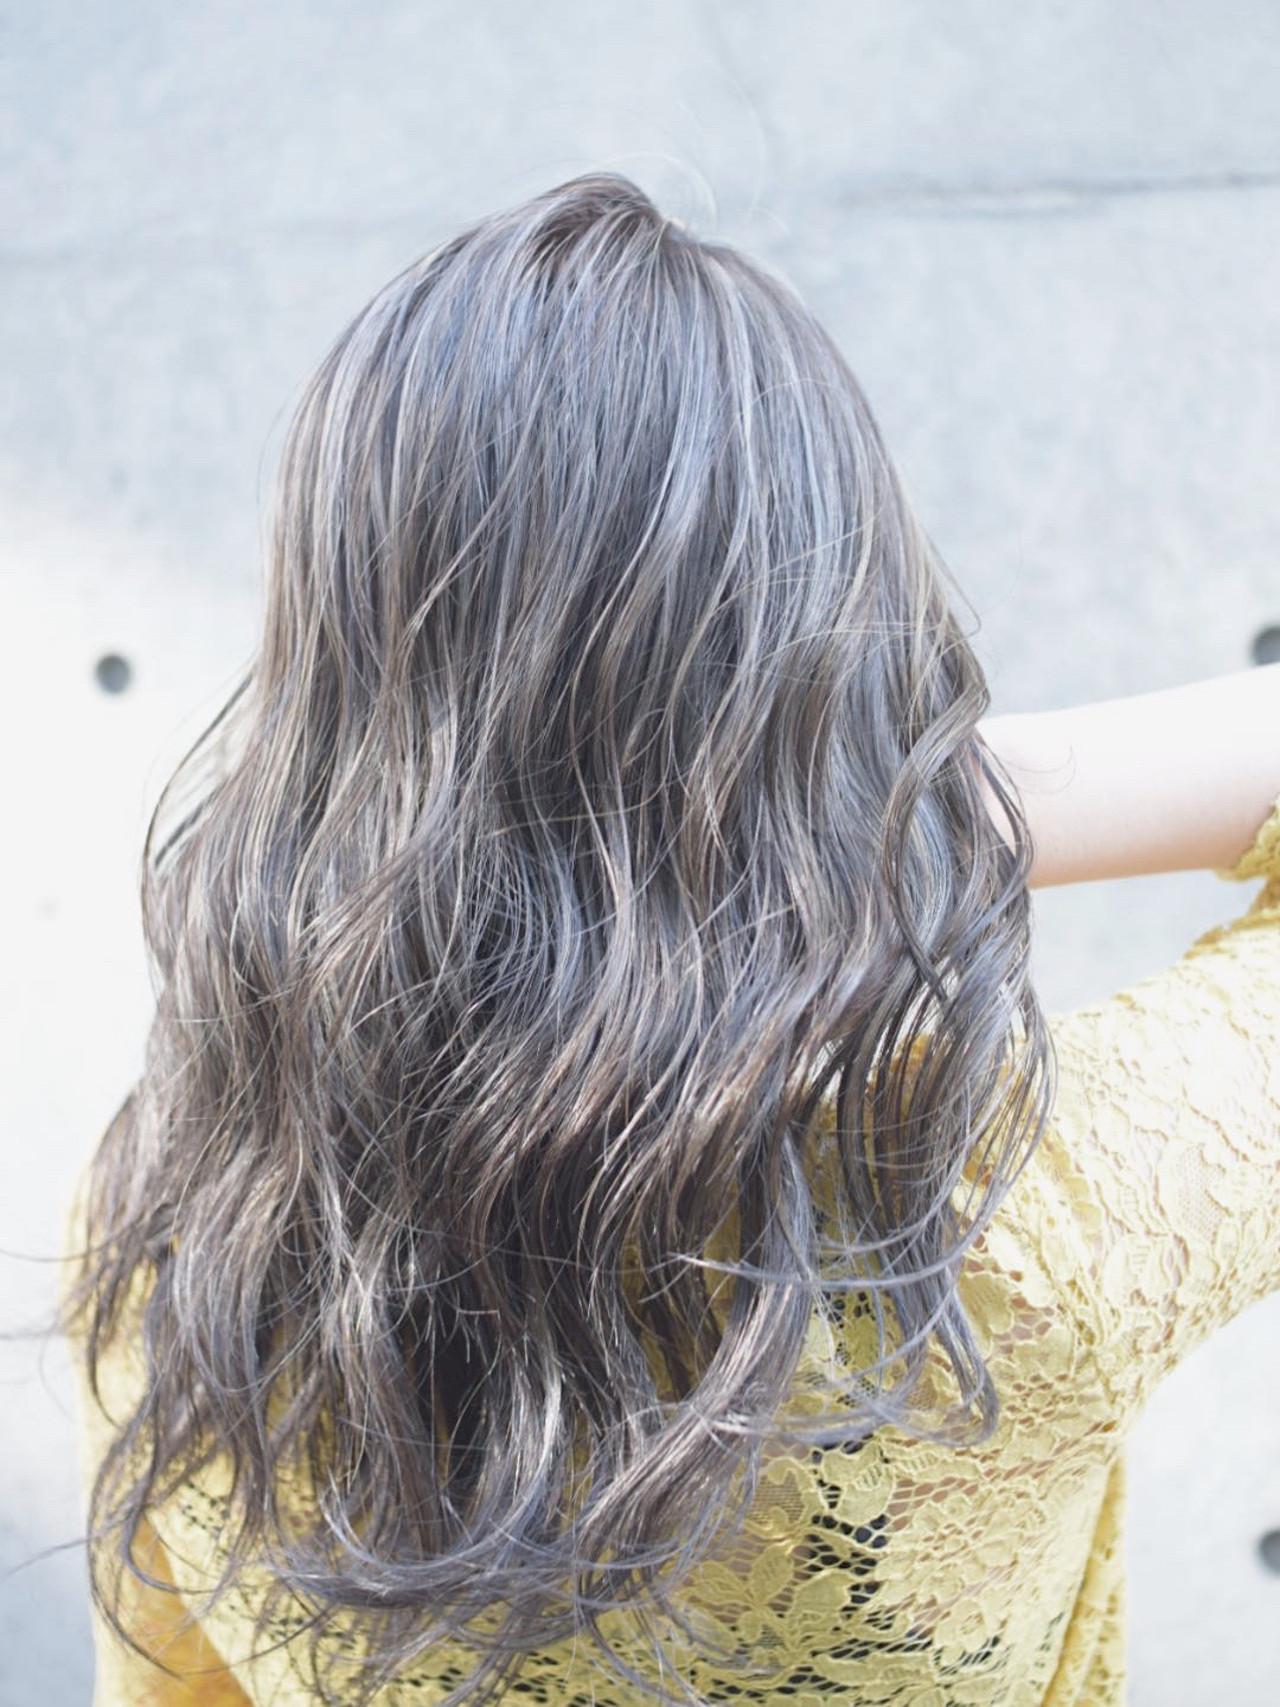 コントラストハイライト ハイライト セミロング アッシュグレージュ ヘアスタイルや髪型の写真・画像